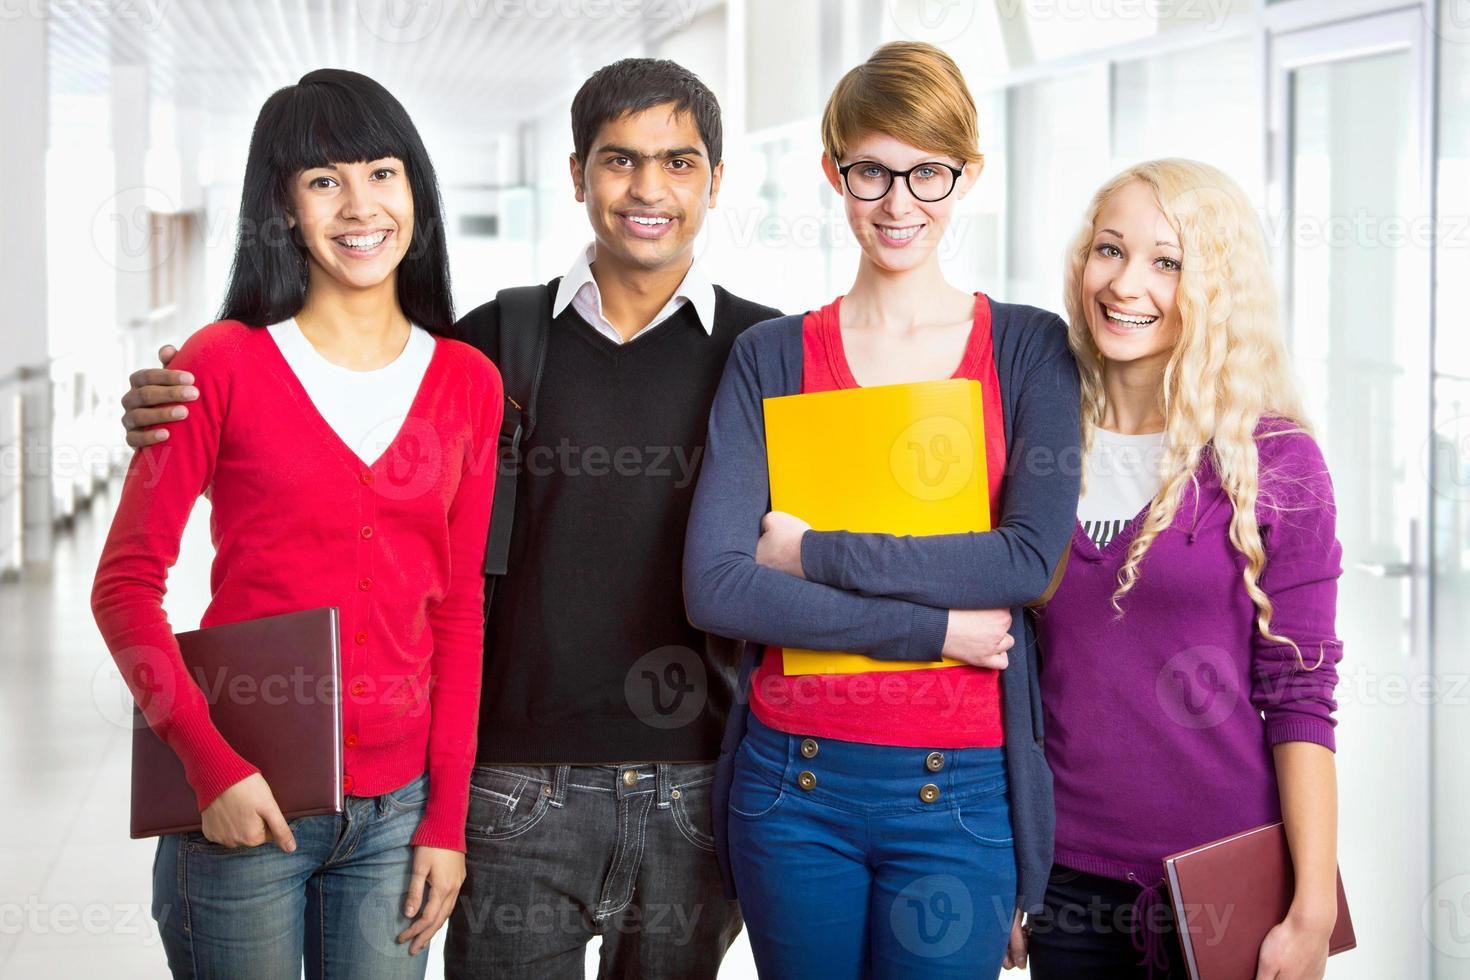 grupo de estudiantes felices foto